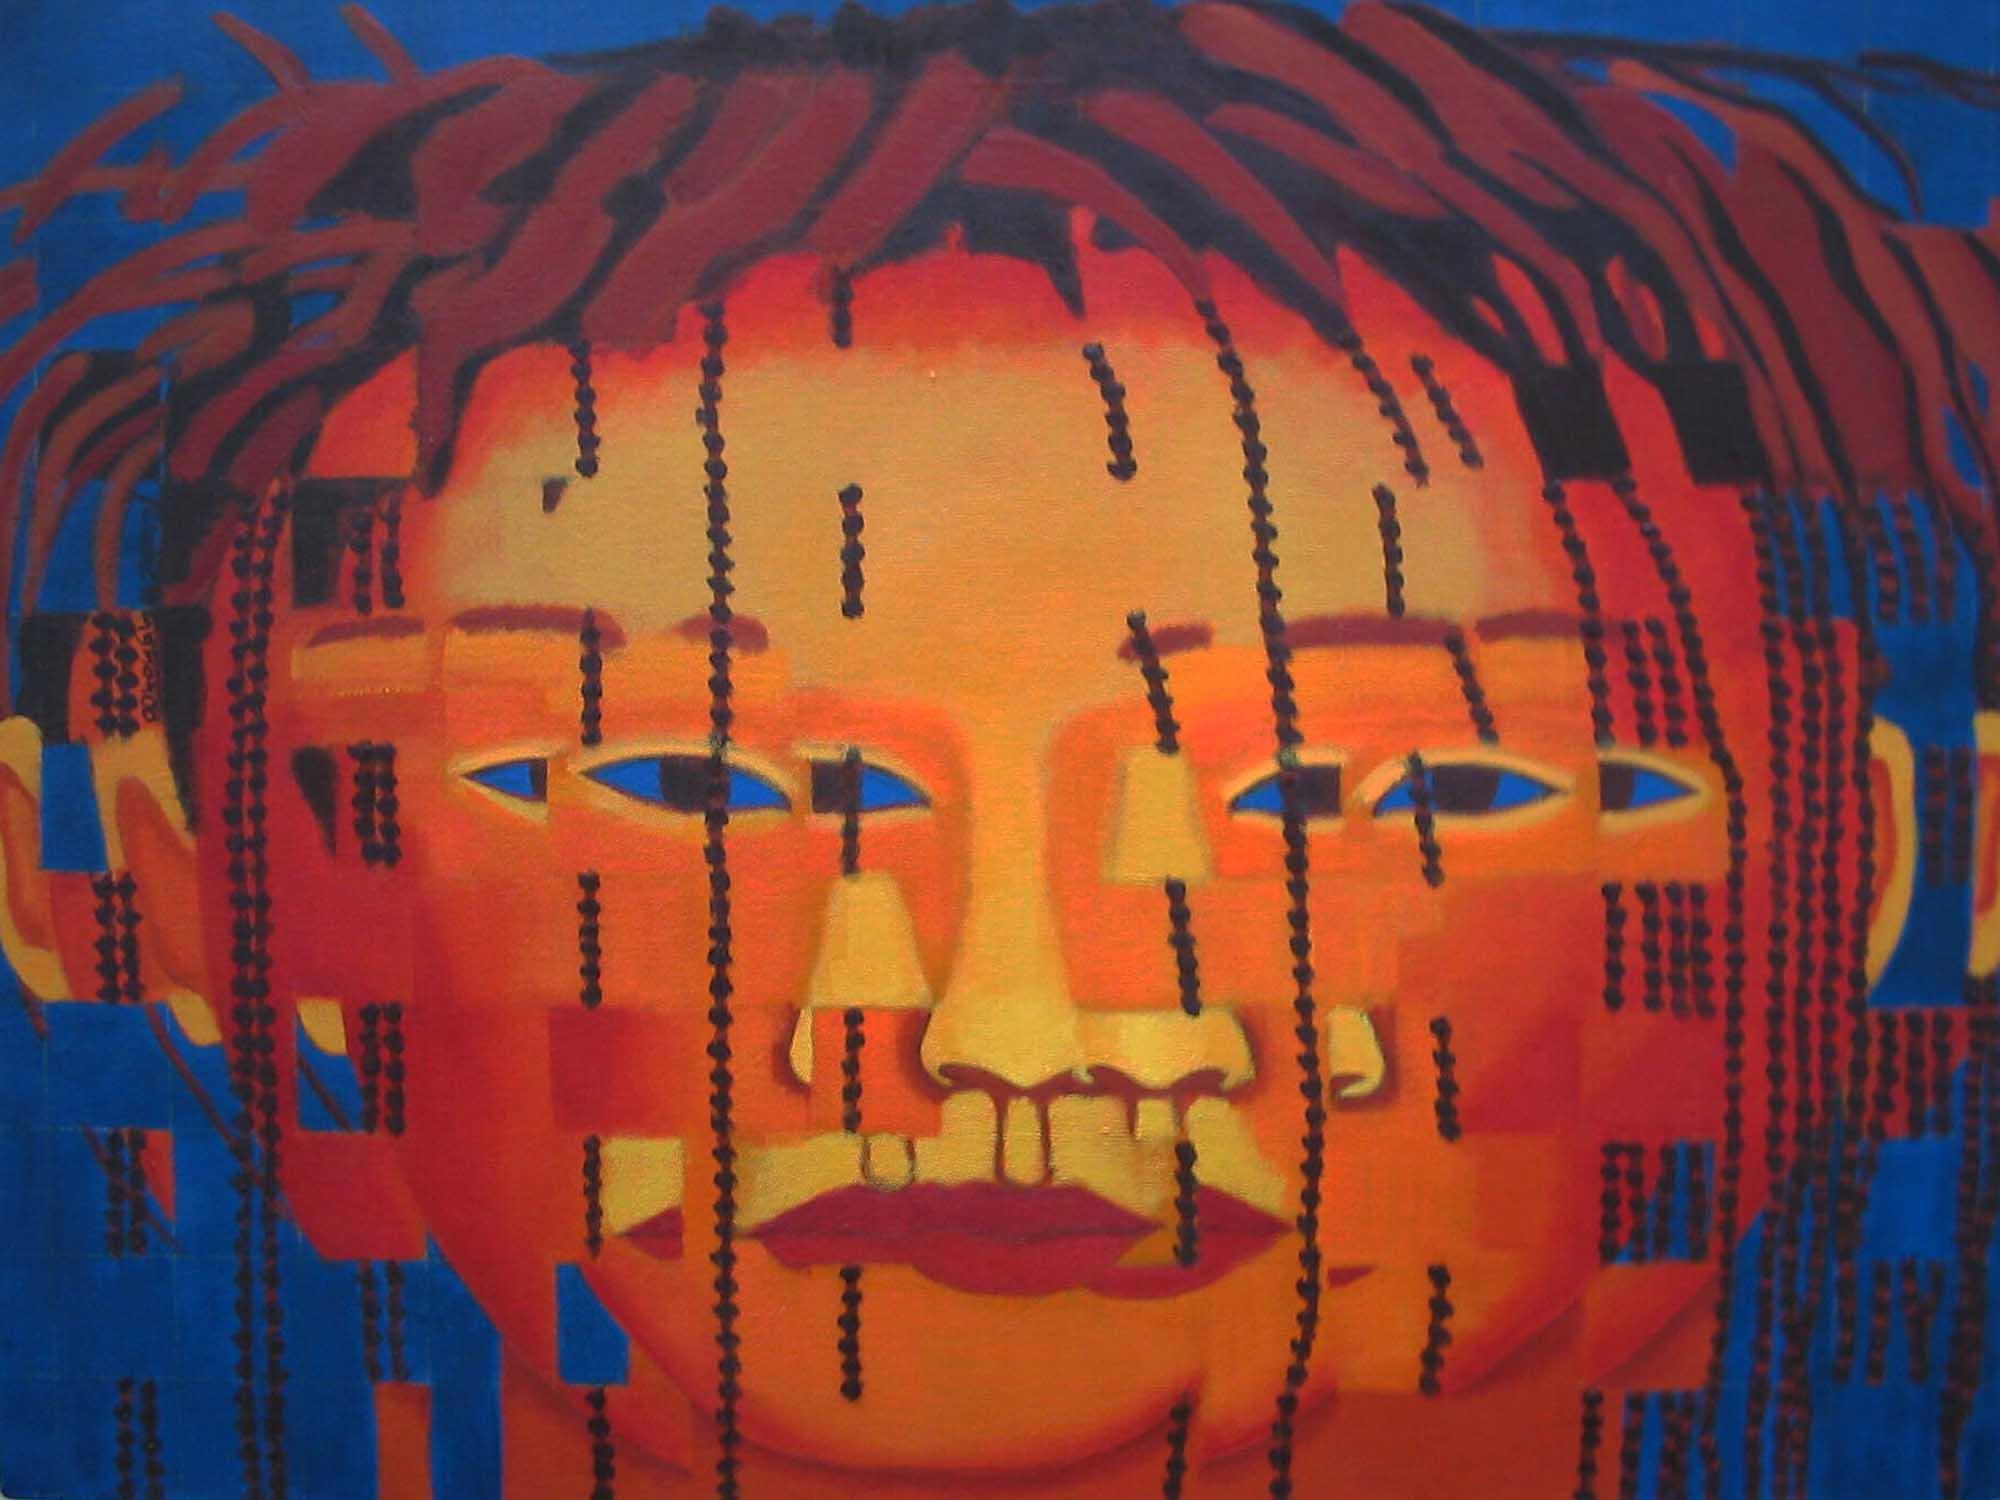 2000, Fragmentação2, óleos/tela, 60x80cm